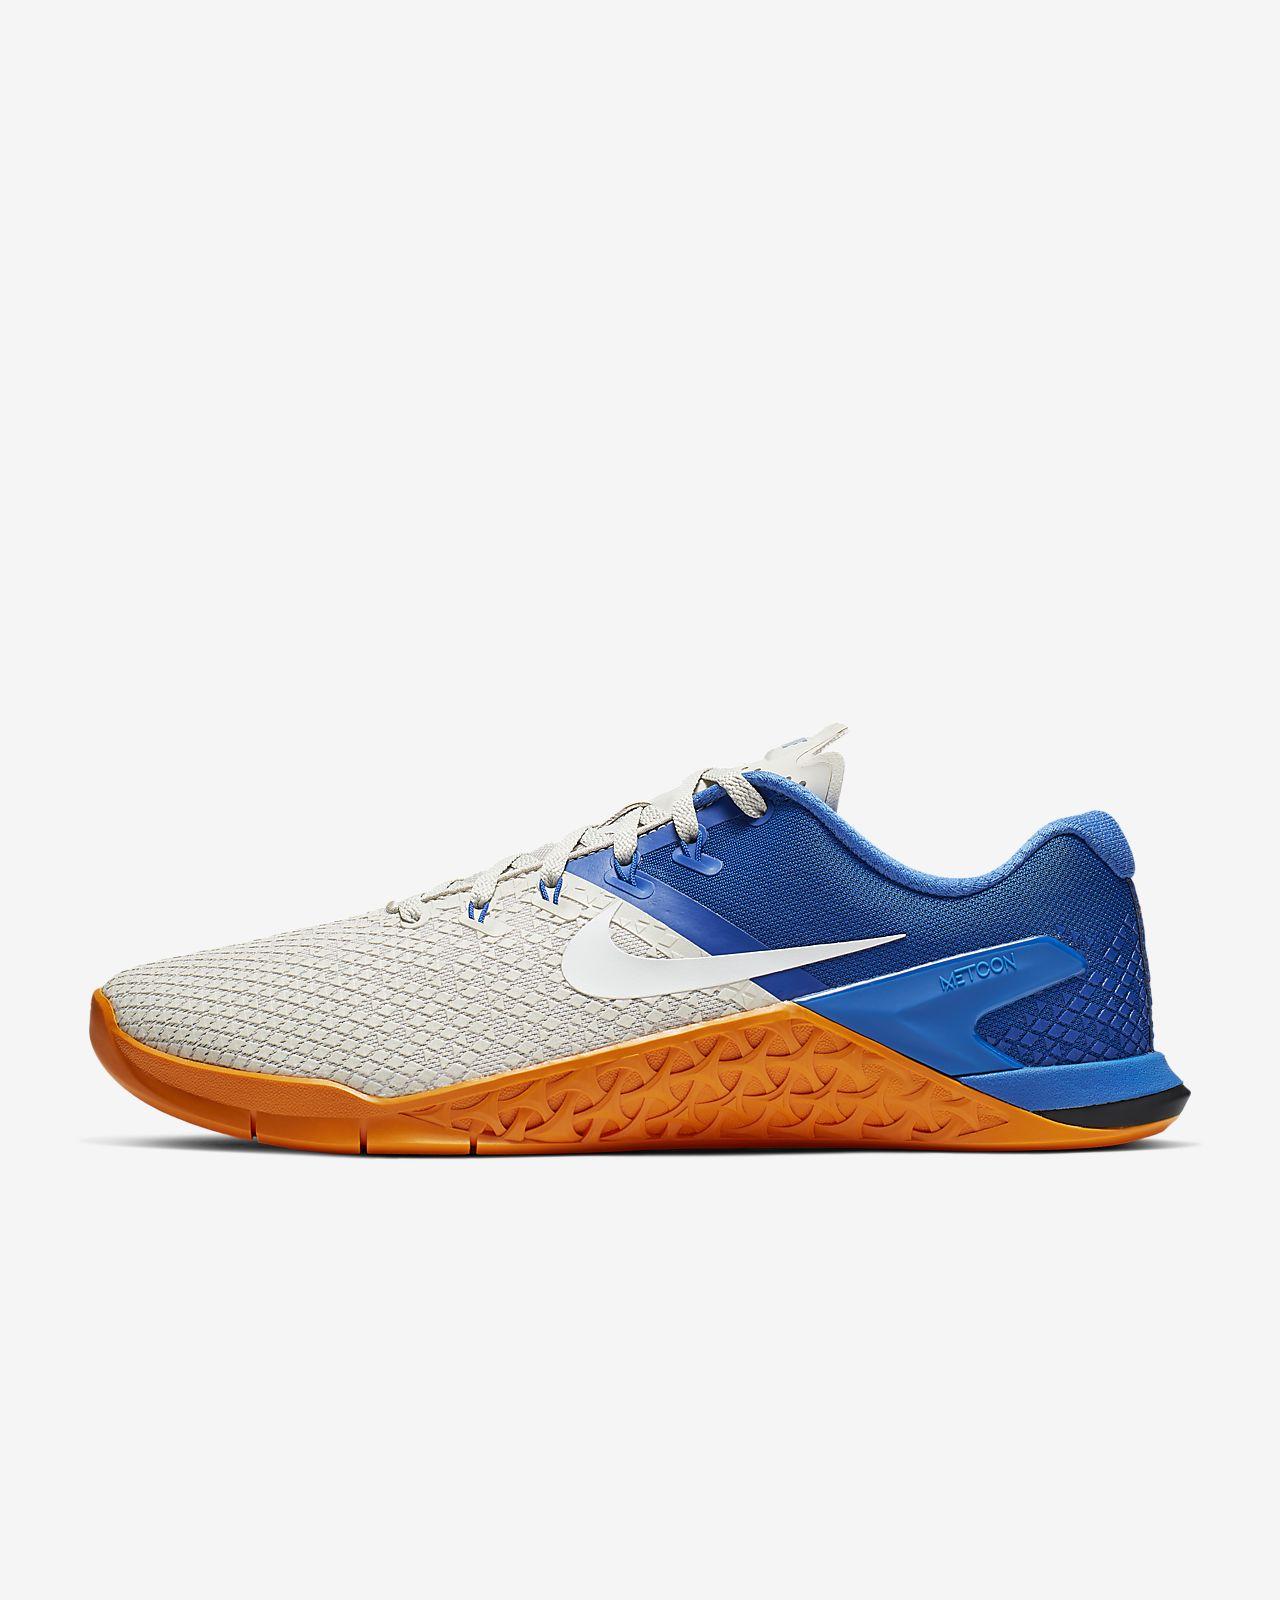 Calzado de entrenamiento para hombre Nike Metcon 4 XD